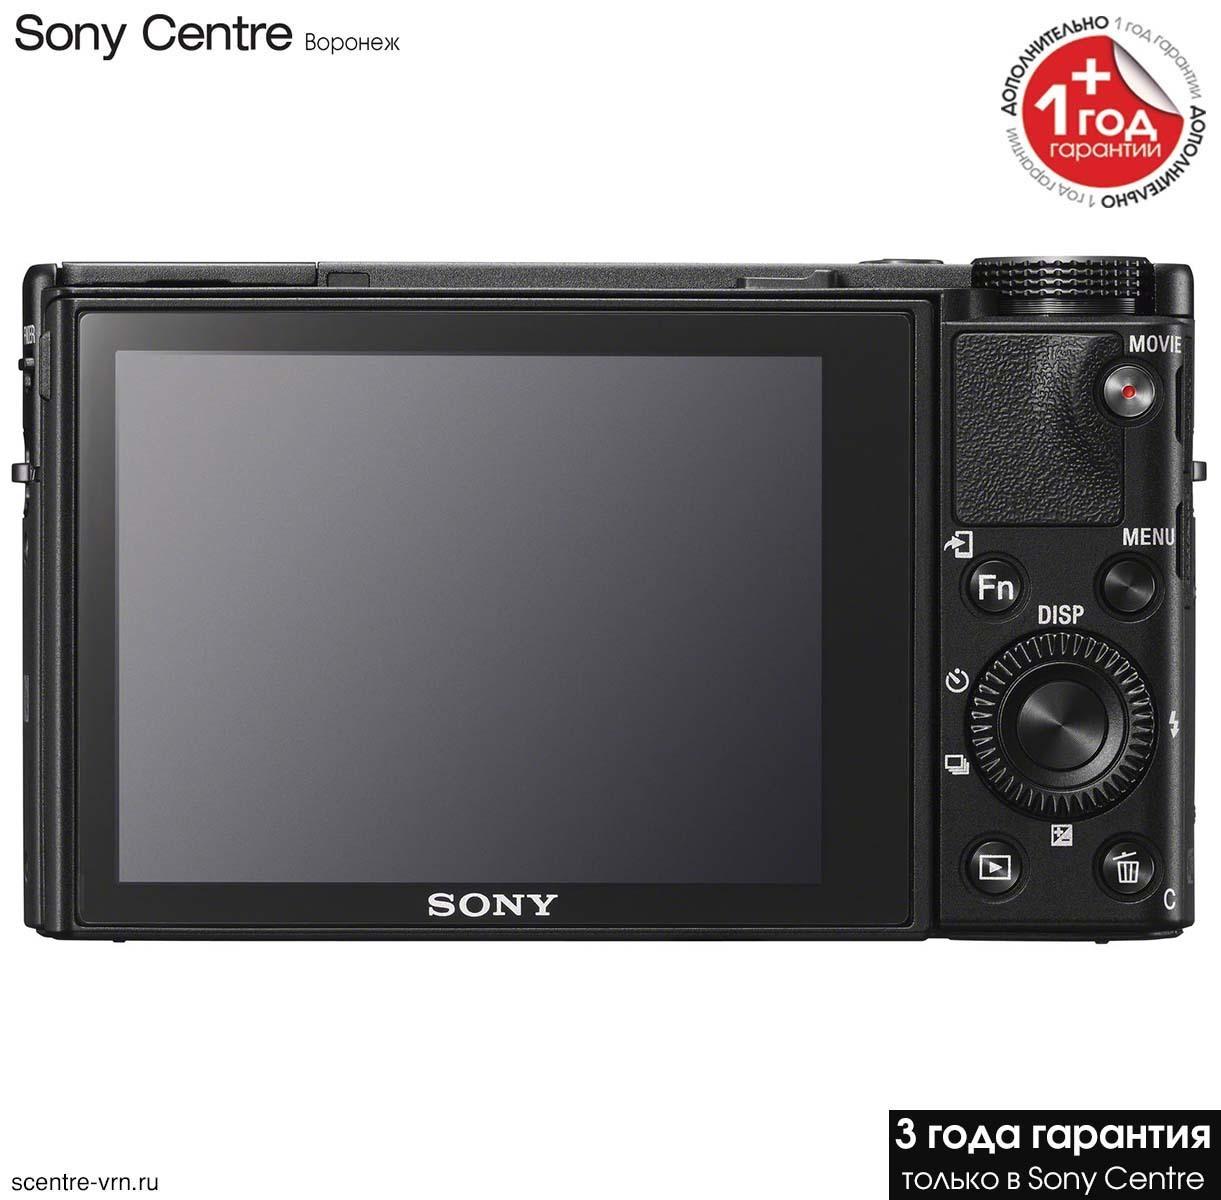 Купить фотоаппарат DSC-RX100M5A в Sony Centre